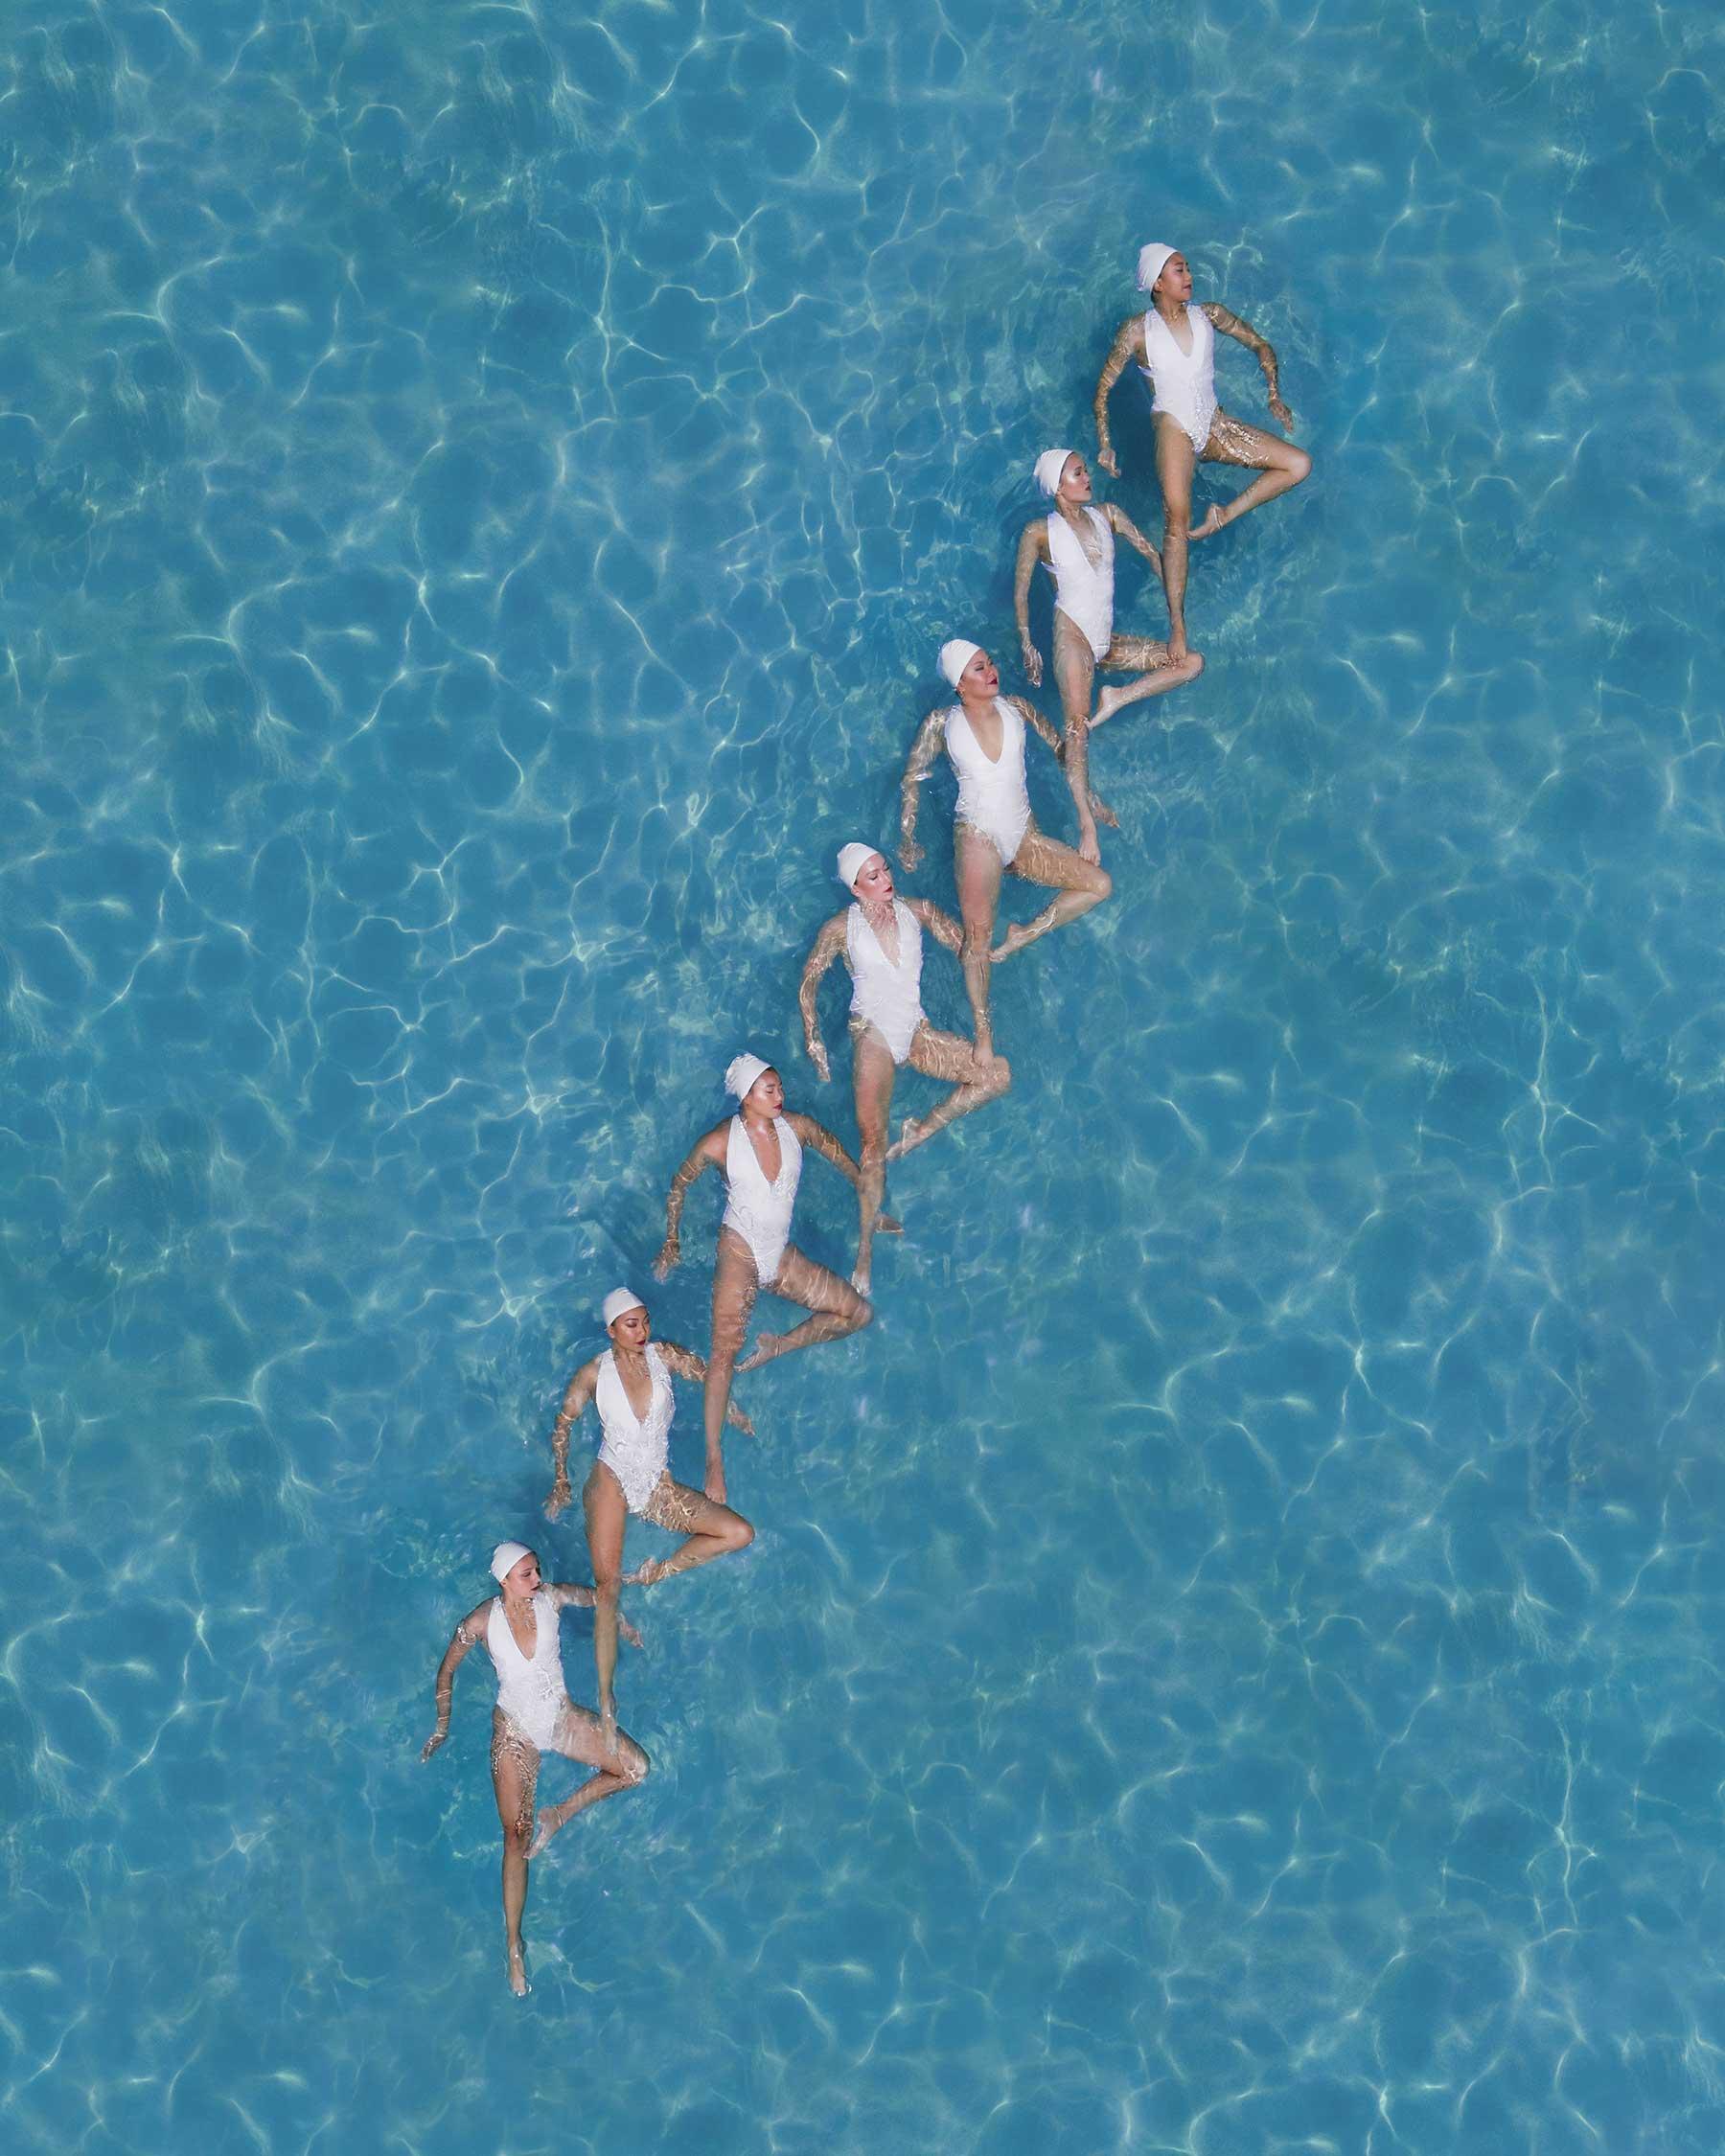 Synchronschwimmen-Luftaufnahmen von Brad Walls Water-Geomaids-Brad-Walls_09